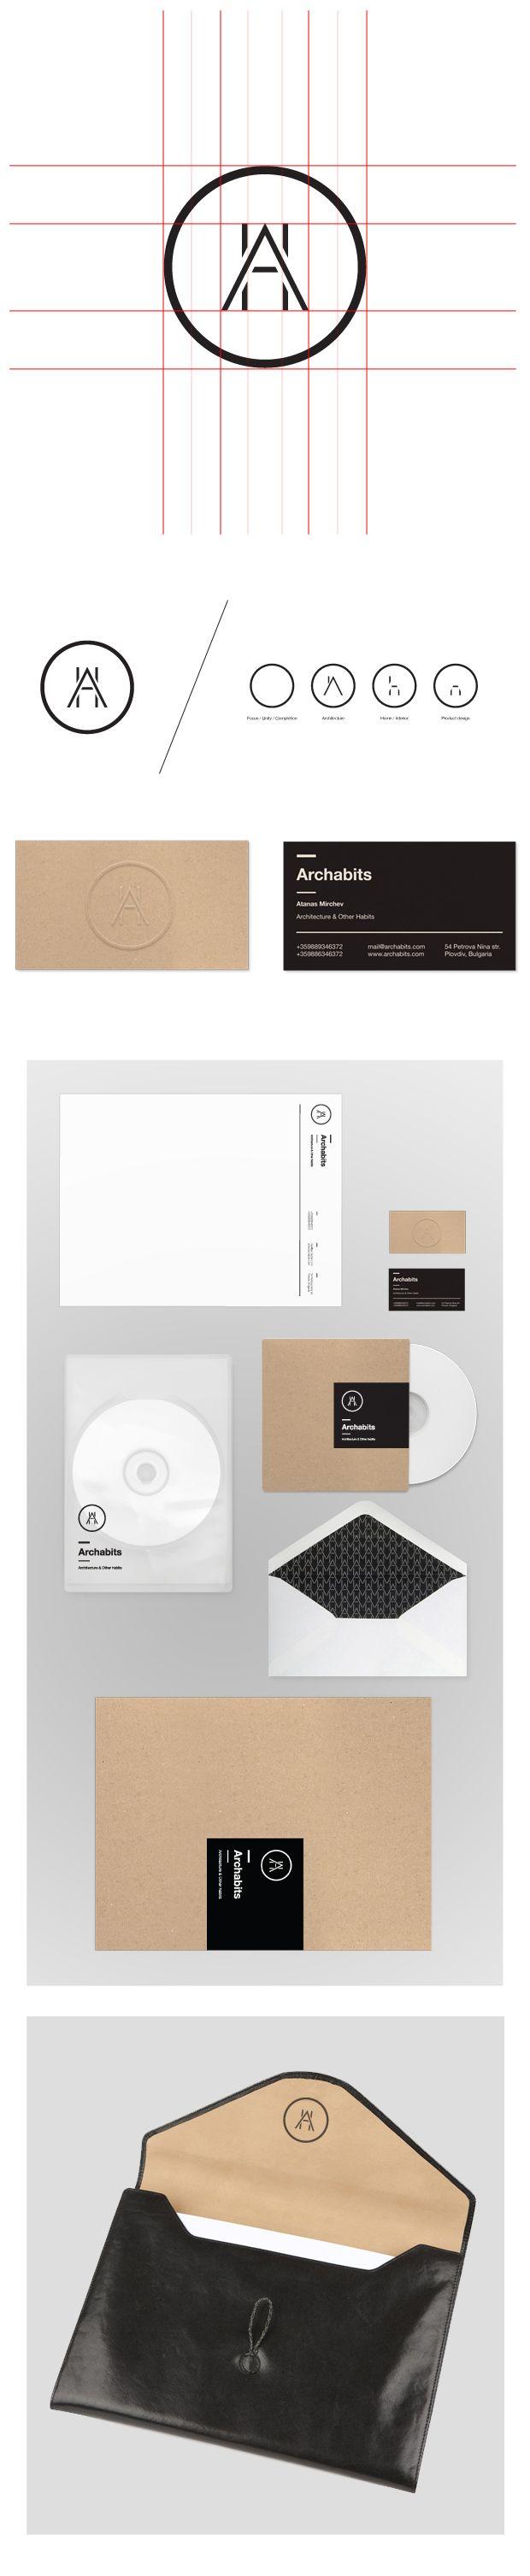 identity / archabits | #stationary #corporate #design #corporatedesign #identity #branding #marketing < repinned by www.BlickeDeeler.de | Take a look at www.LogoGestaltung-Hamburg.de